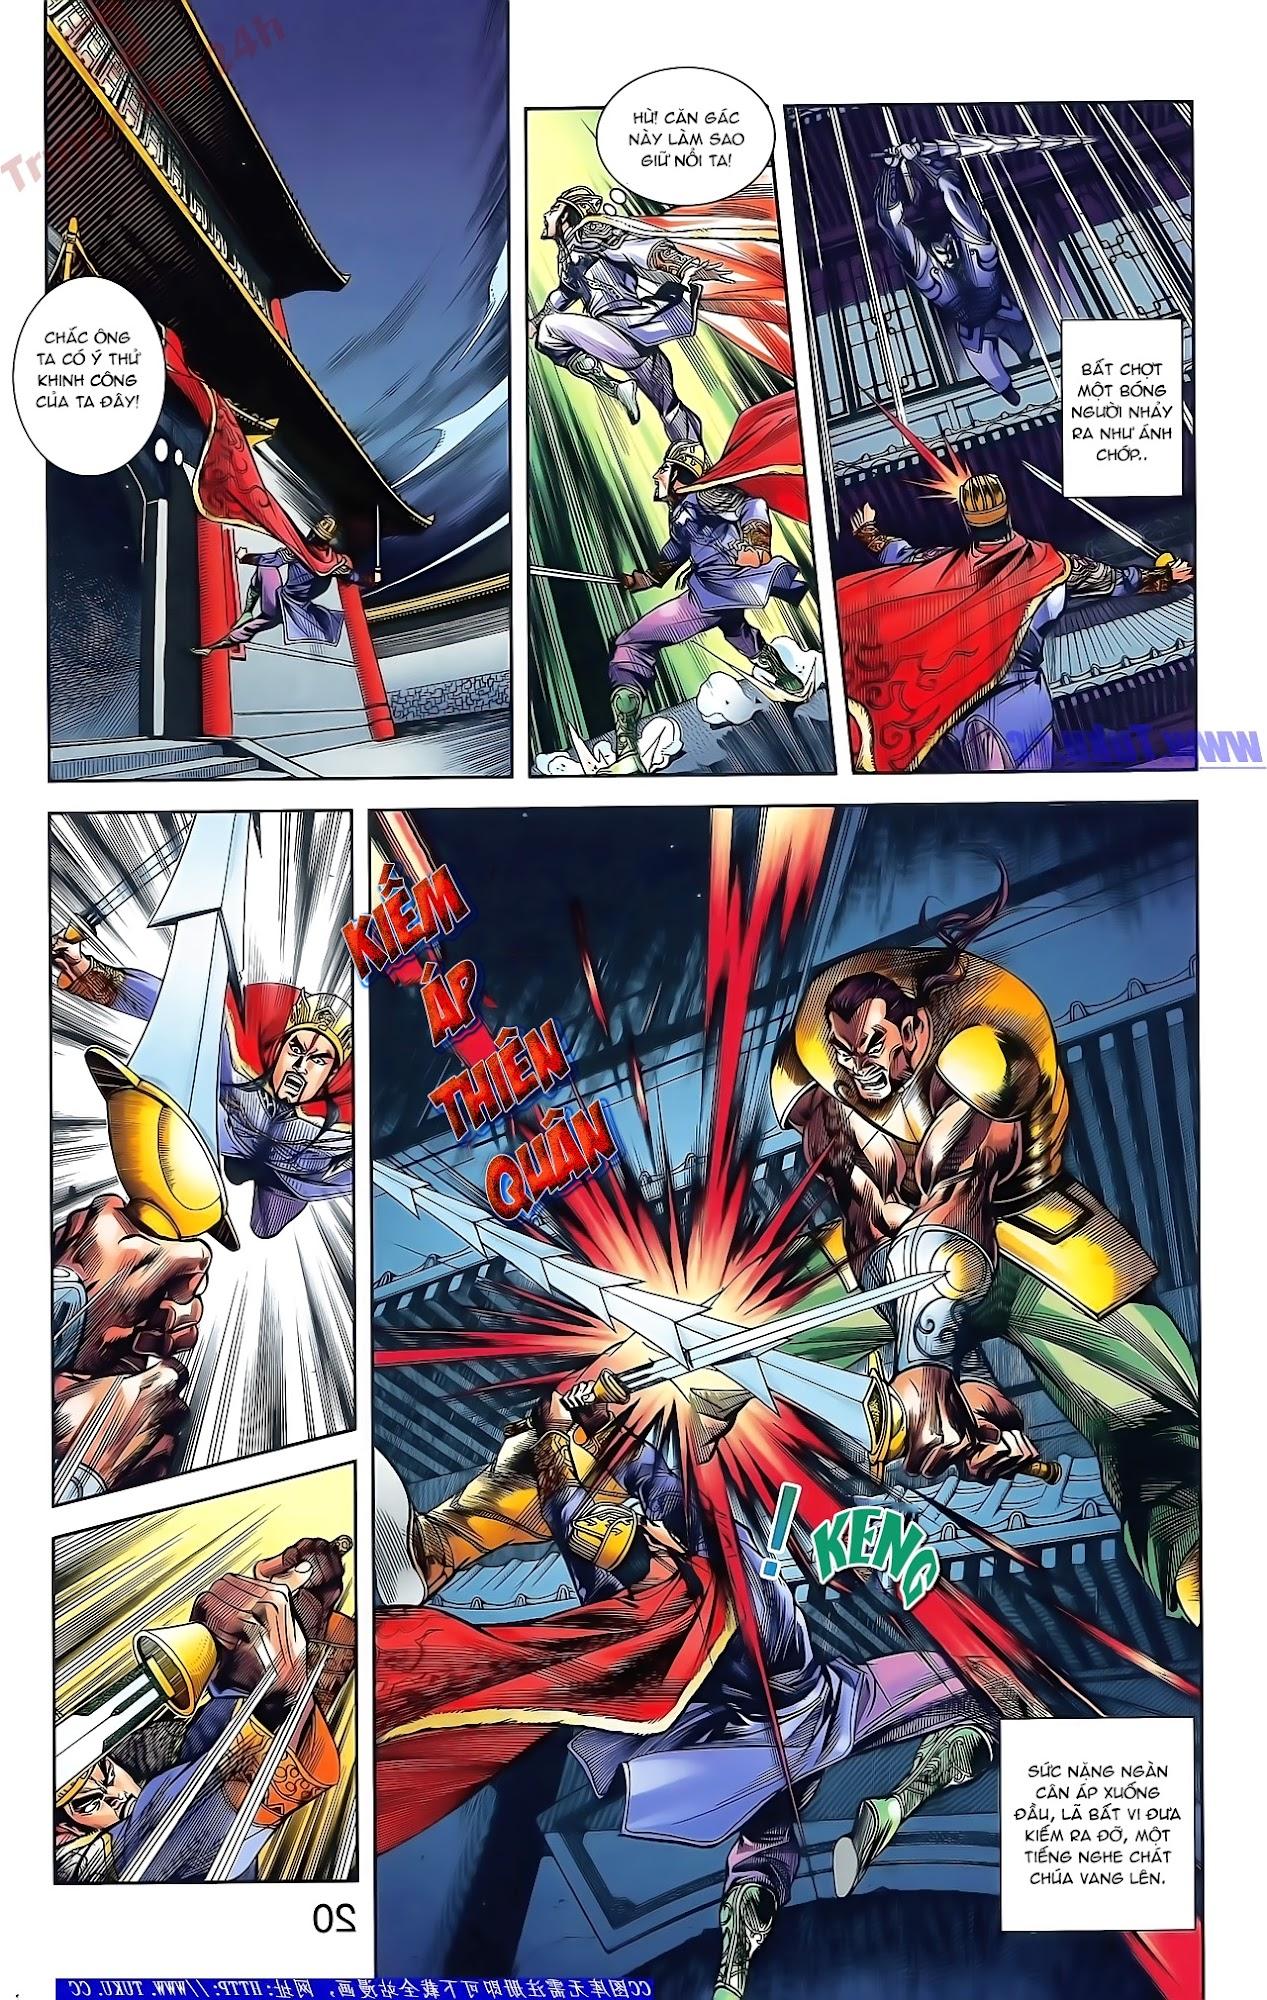 Tần Vương Doanh Chính chapter 48 trang 6